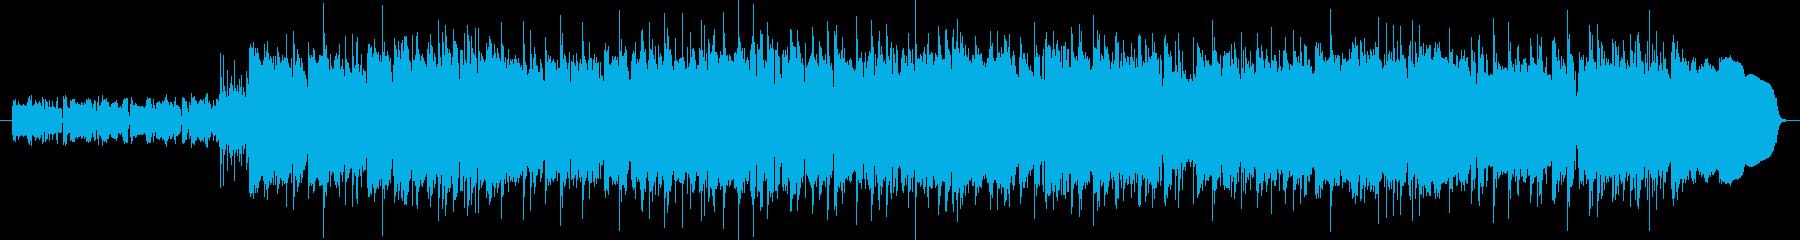 パンク メタル インディーズ ロッ...の再生済みの波形